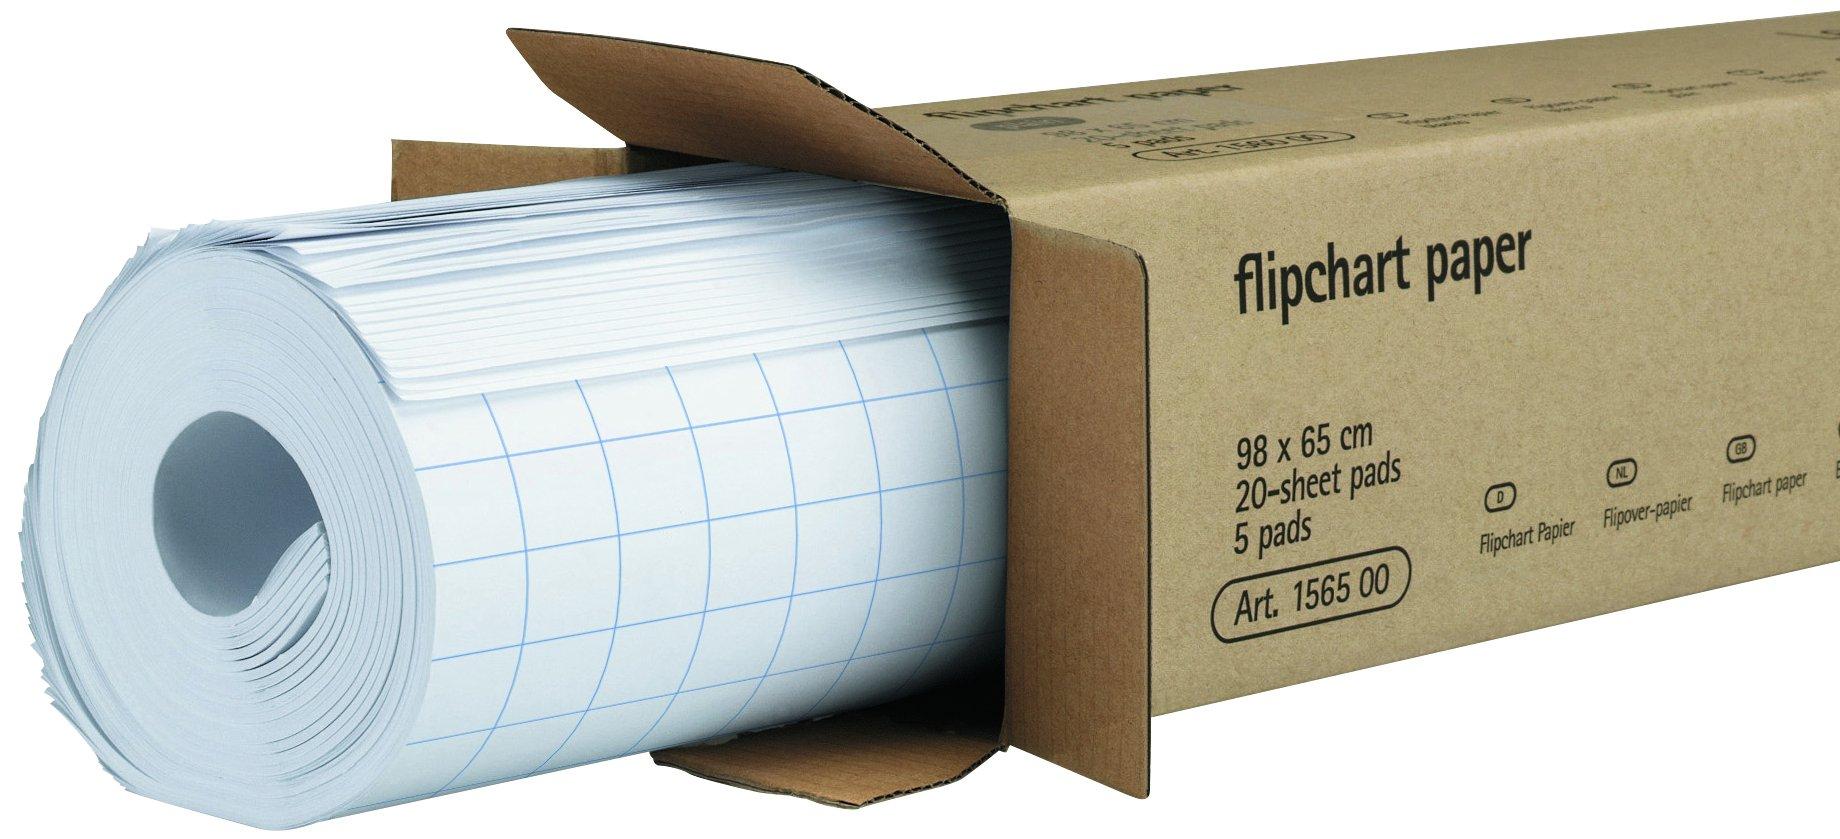 Legamaster Plain Flipchart Gridded - 5 Pack by Legamaster